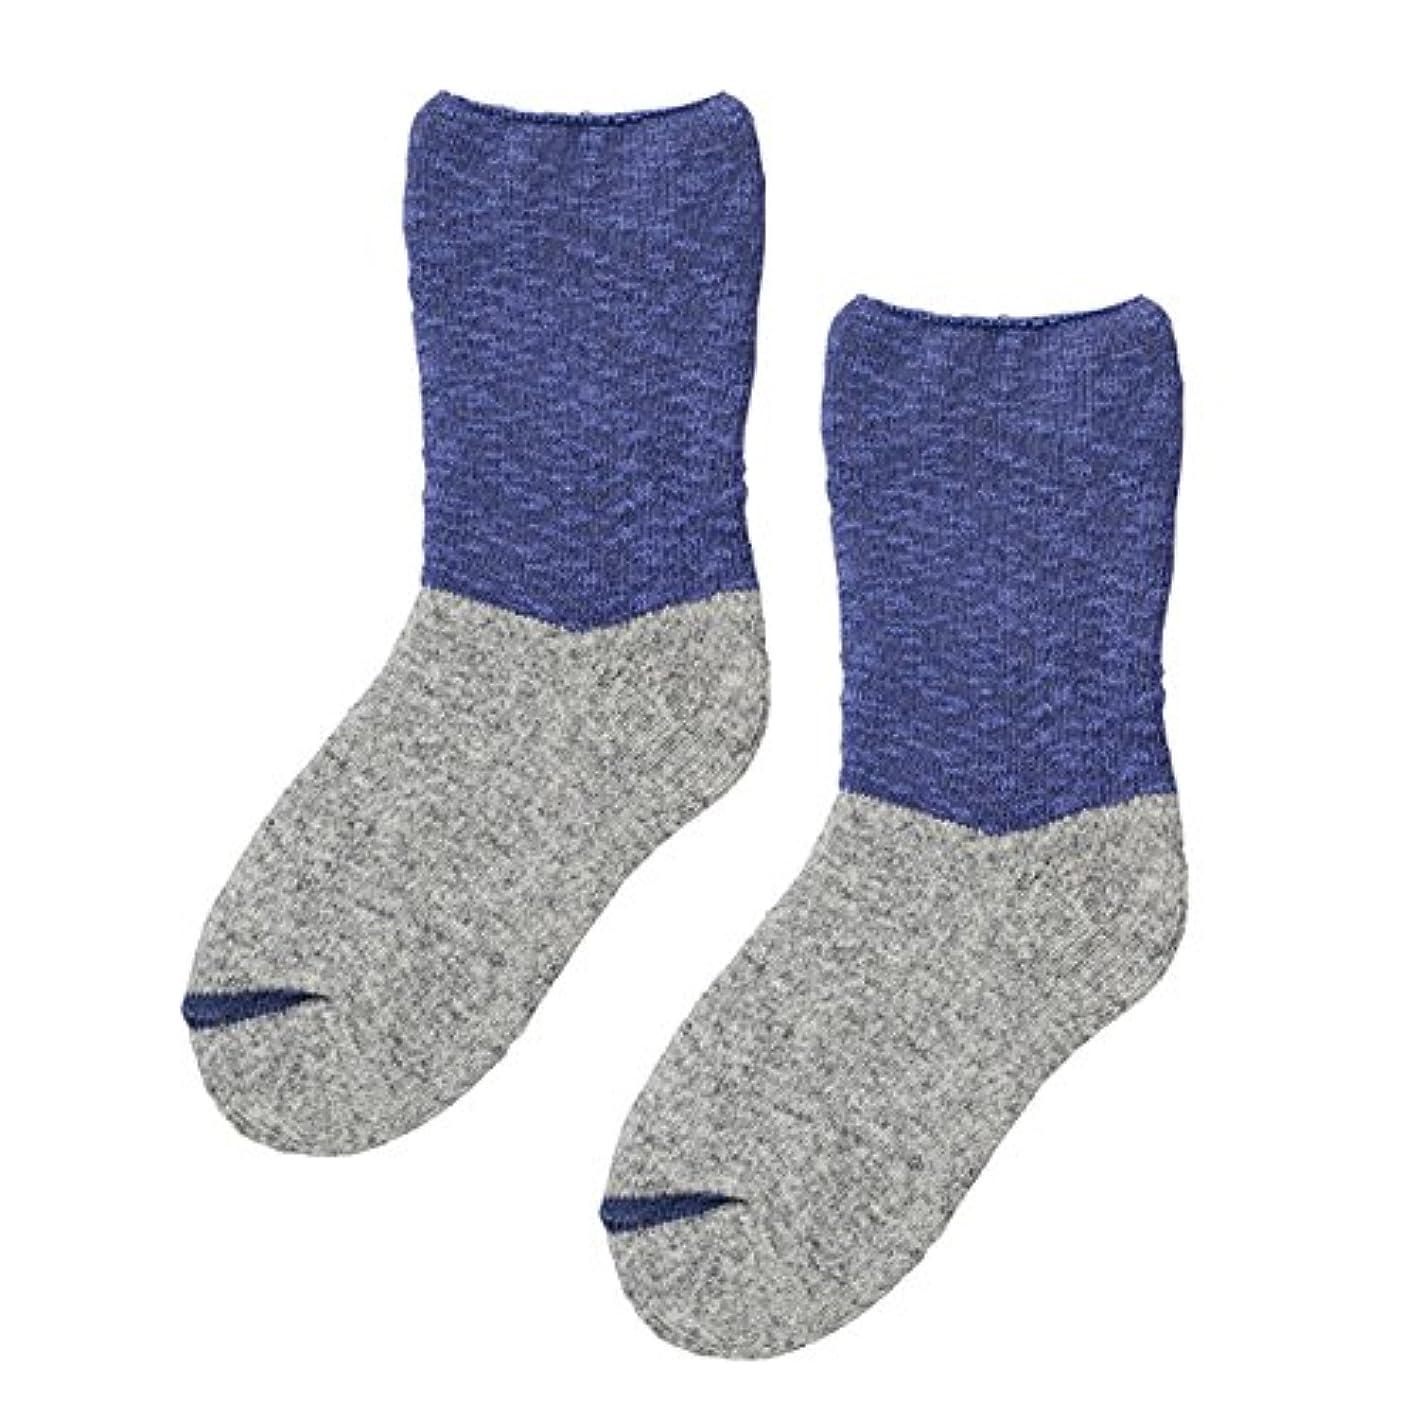 ページェントランデブー穿孔する砂山靴下 Carelance(ケアランス) お風呂上りの靴下 コットンパイル 8591CA-05 グレー